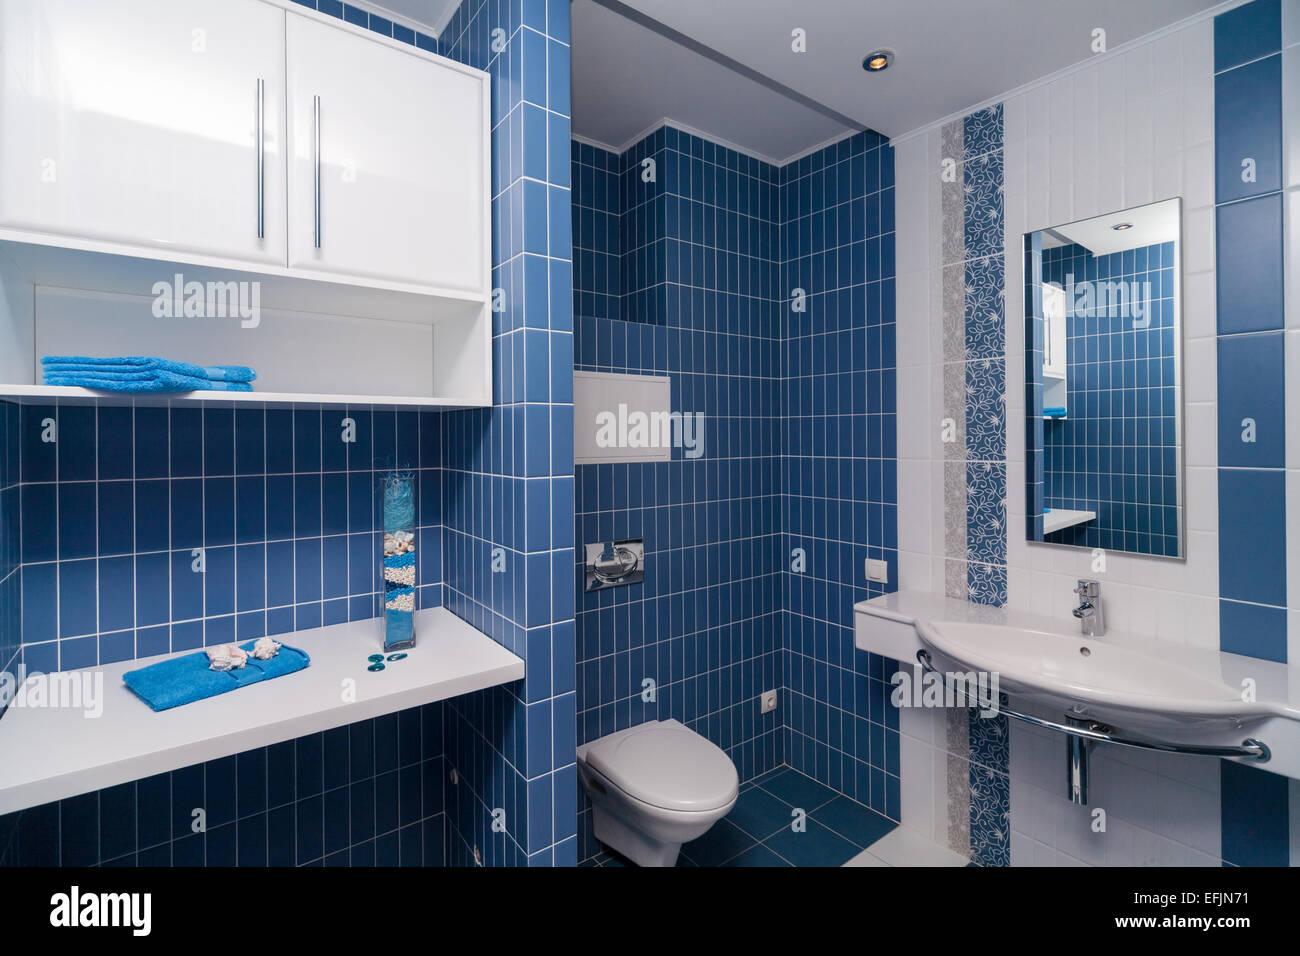 Piastrelle bagno bianche brown ad effetto spugna sopra le pareti